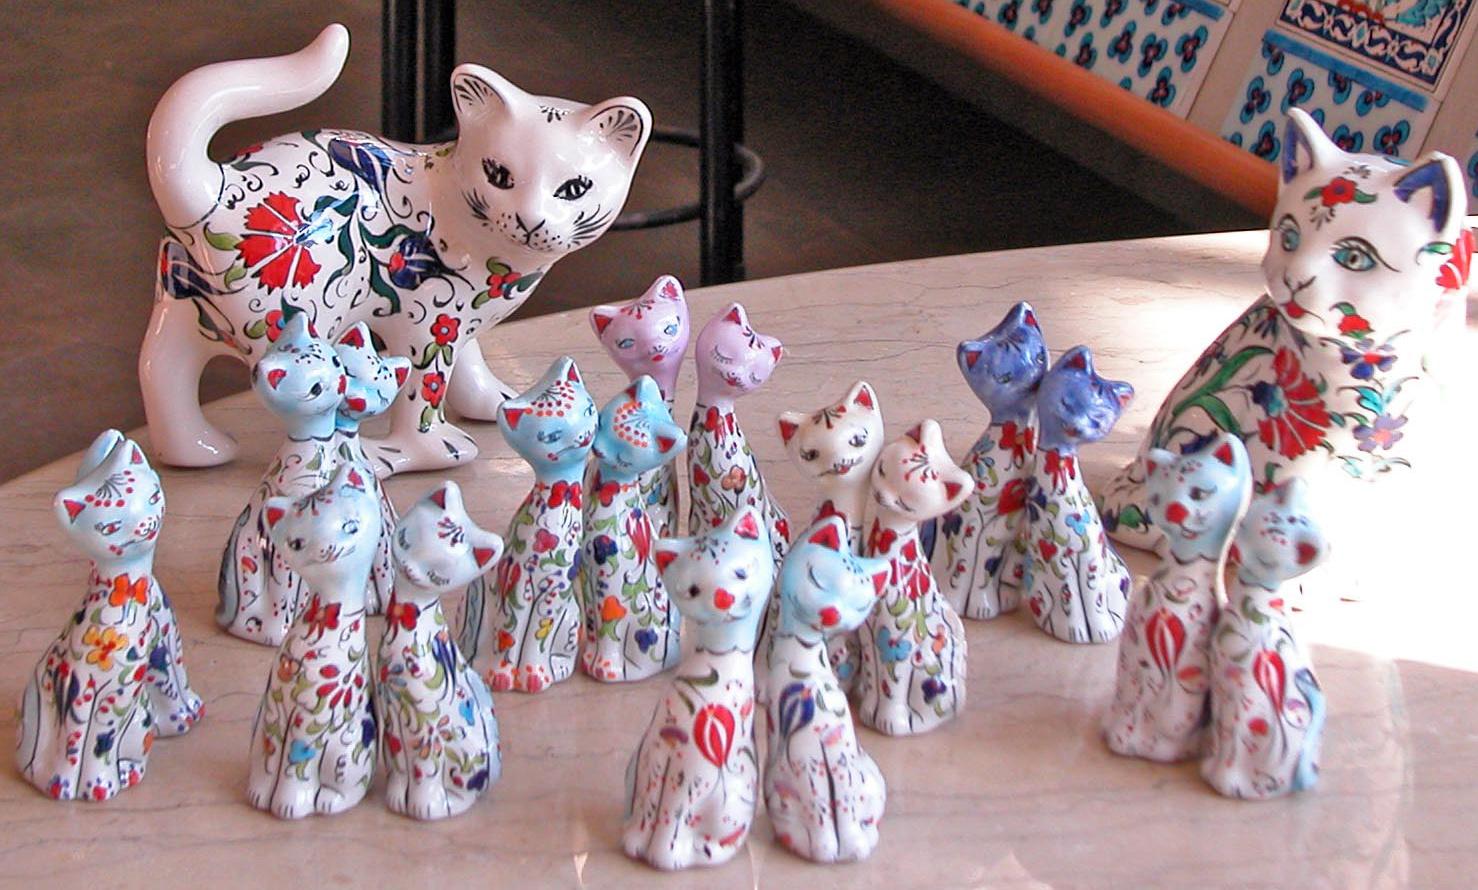 Çiniden ve Seramikten Yapılmış Desenli Motifli Büyük ve Küçük Kediler İkiz Kediler Sevgili Kediler el yapımı çini hayvan heykelleri figürleri resimleri görselleri şekilleri yaratıcı dan yansıyan güzellik